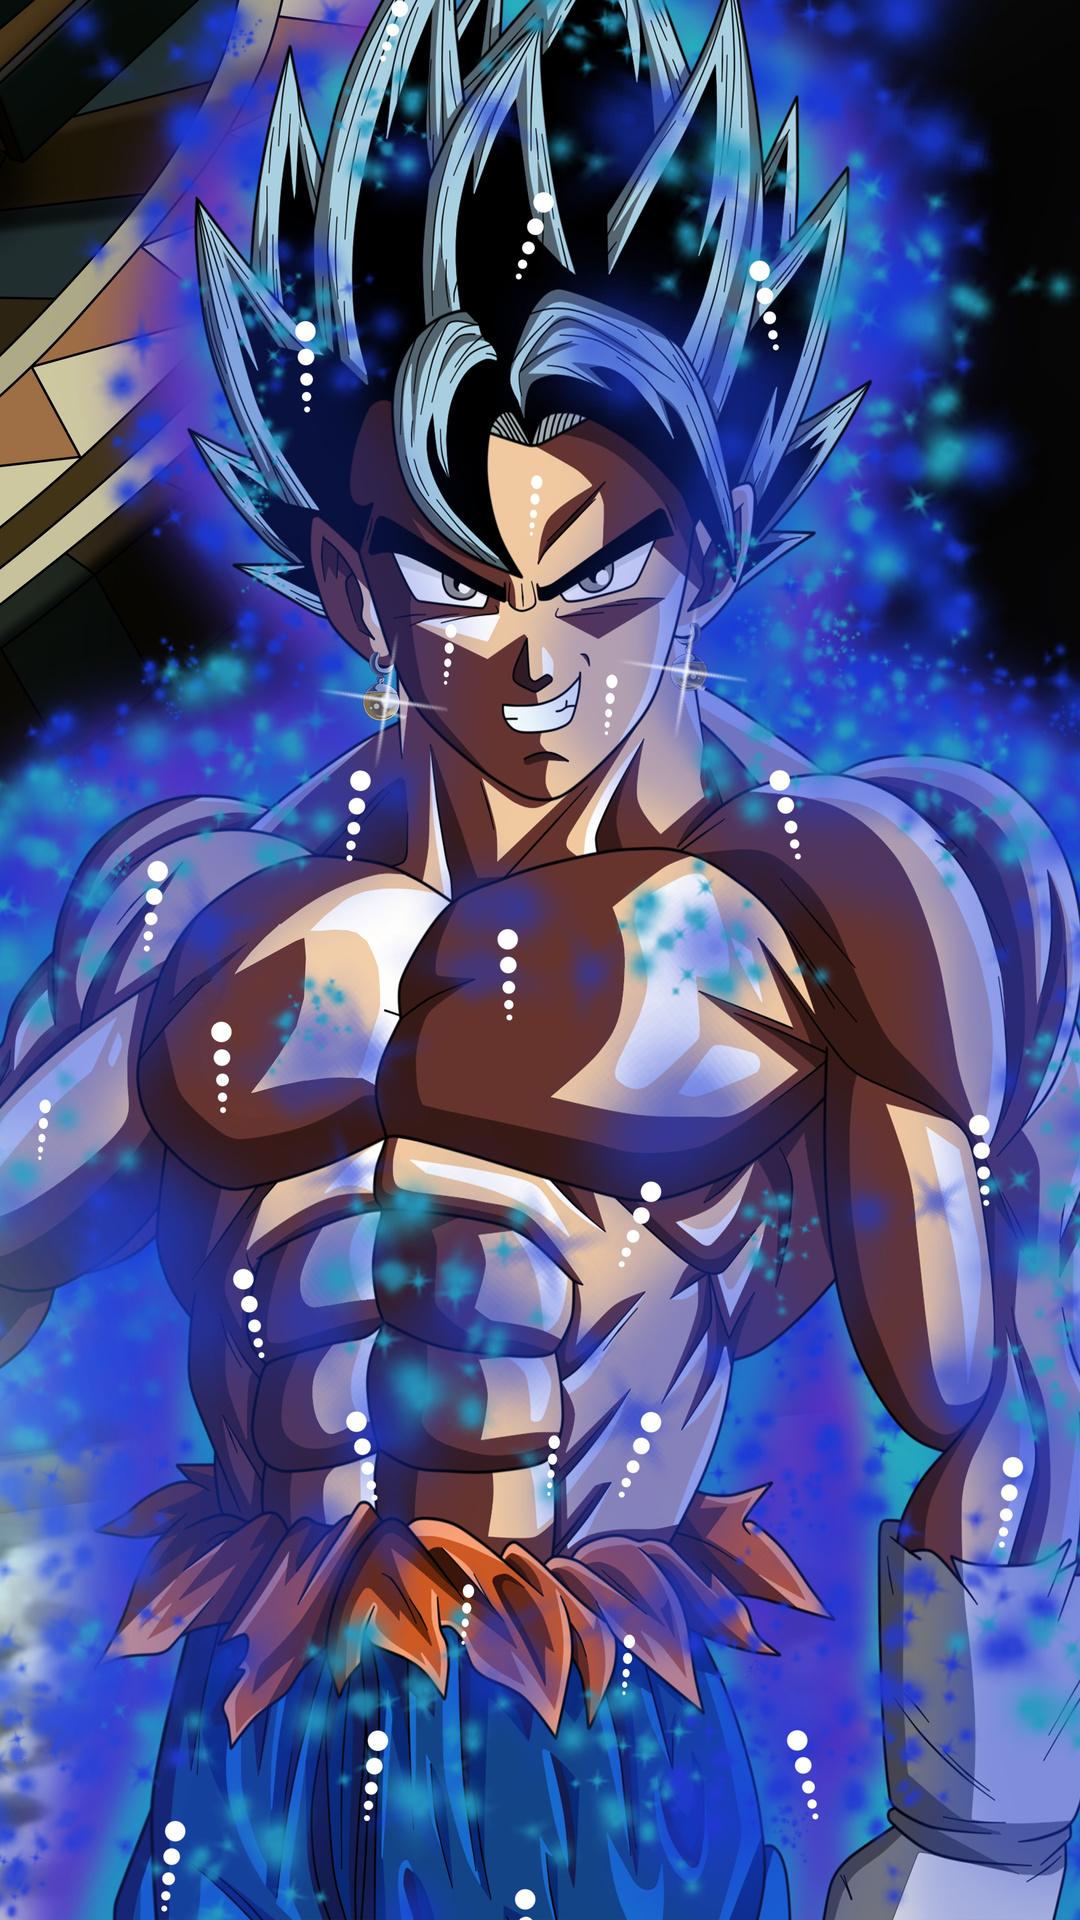 Image Result For Anime Wallpaper Hd Ka